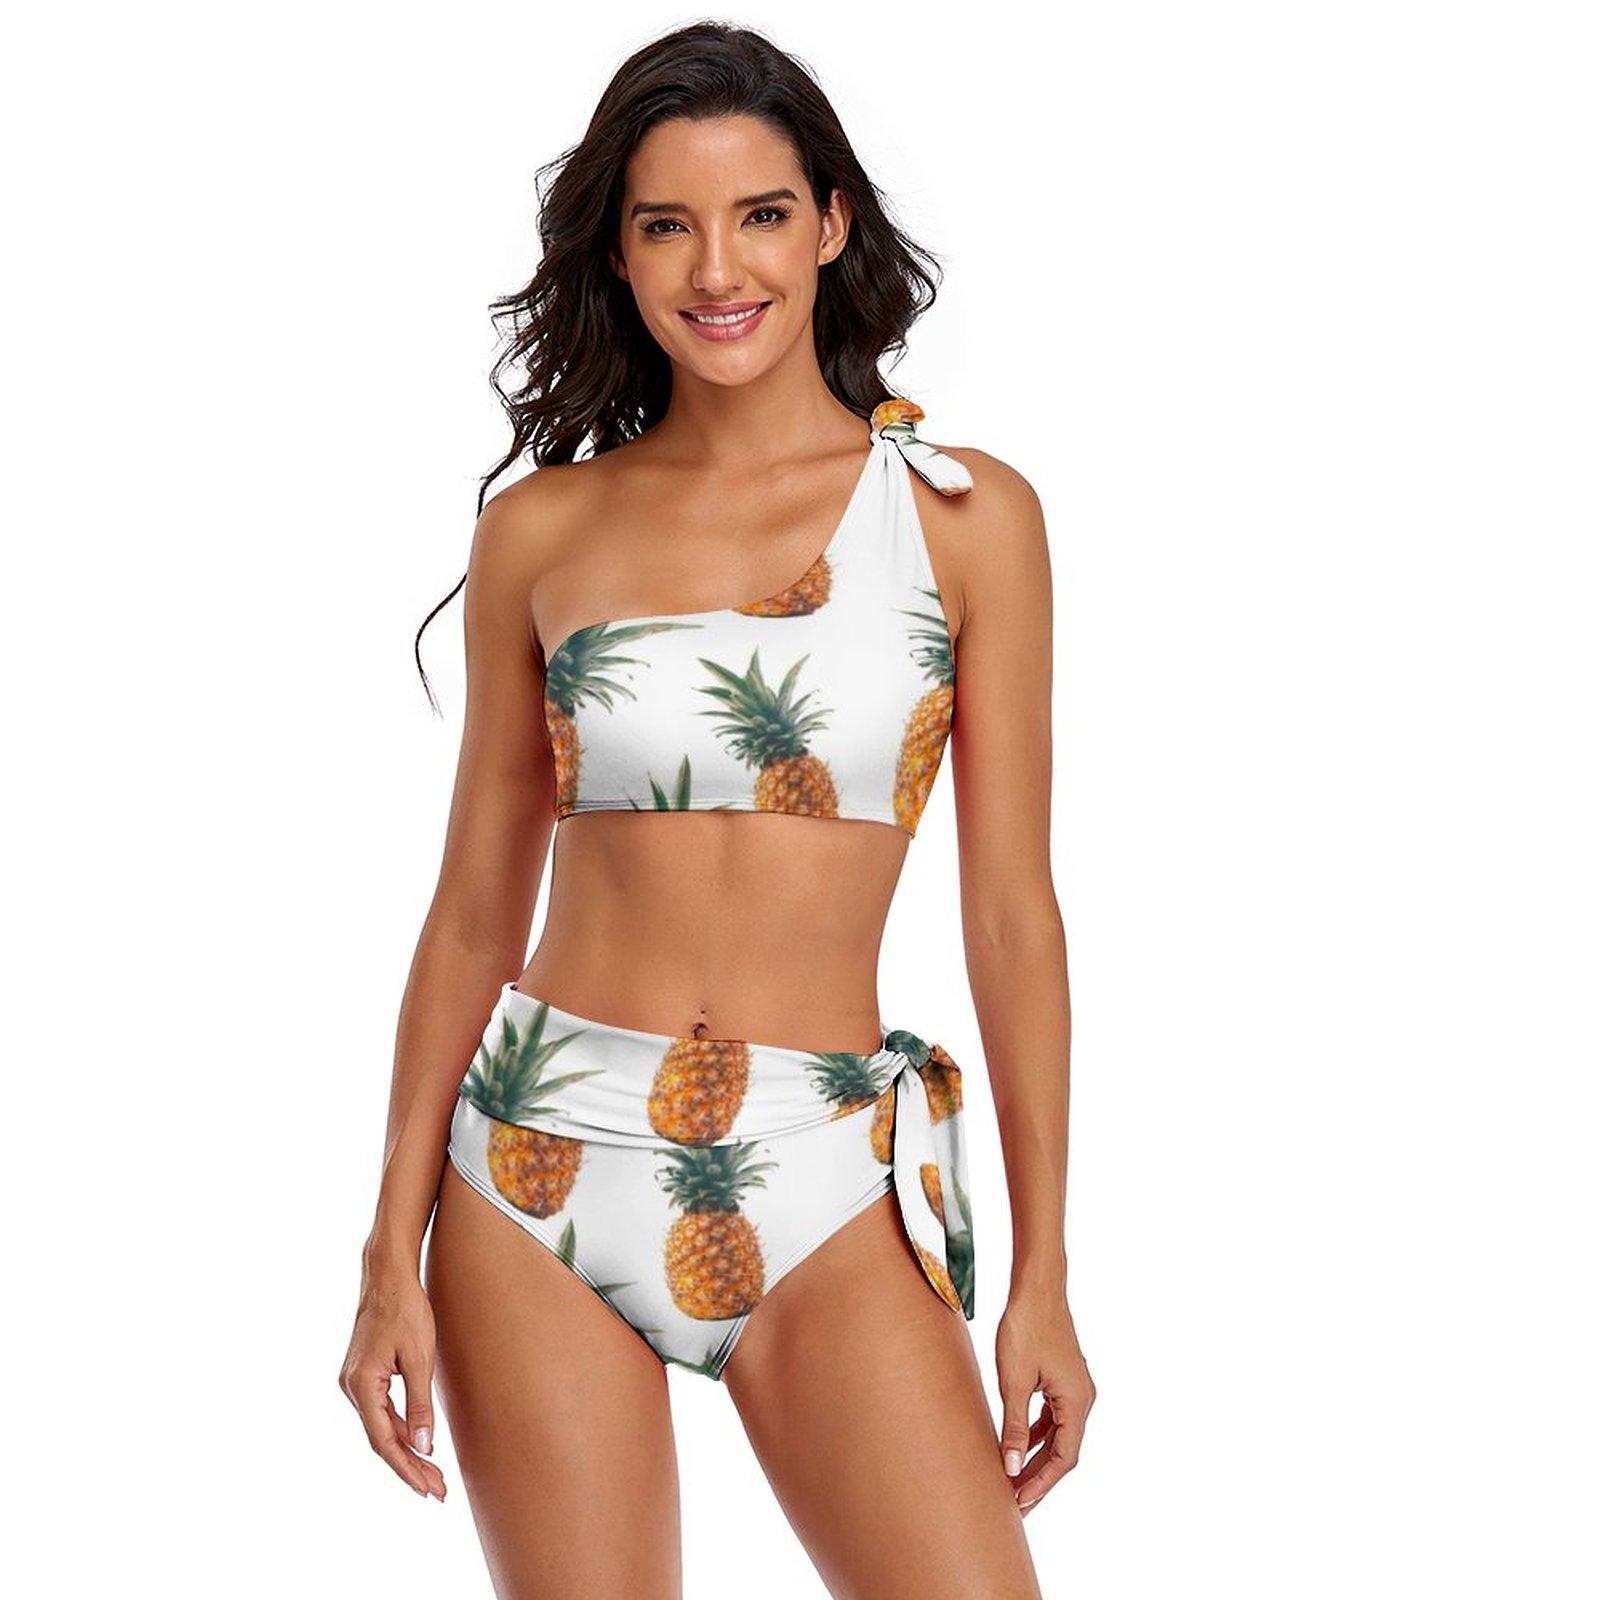 الأناناس بيكيني ملابس السباحة عالية الساق الخيال تصفح ملابس الشباب رخيصة 2 قطعة ثوب السباحة